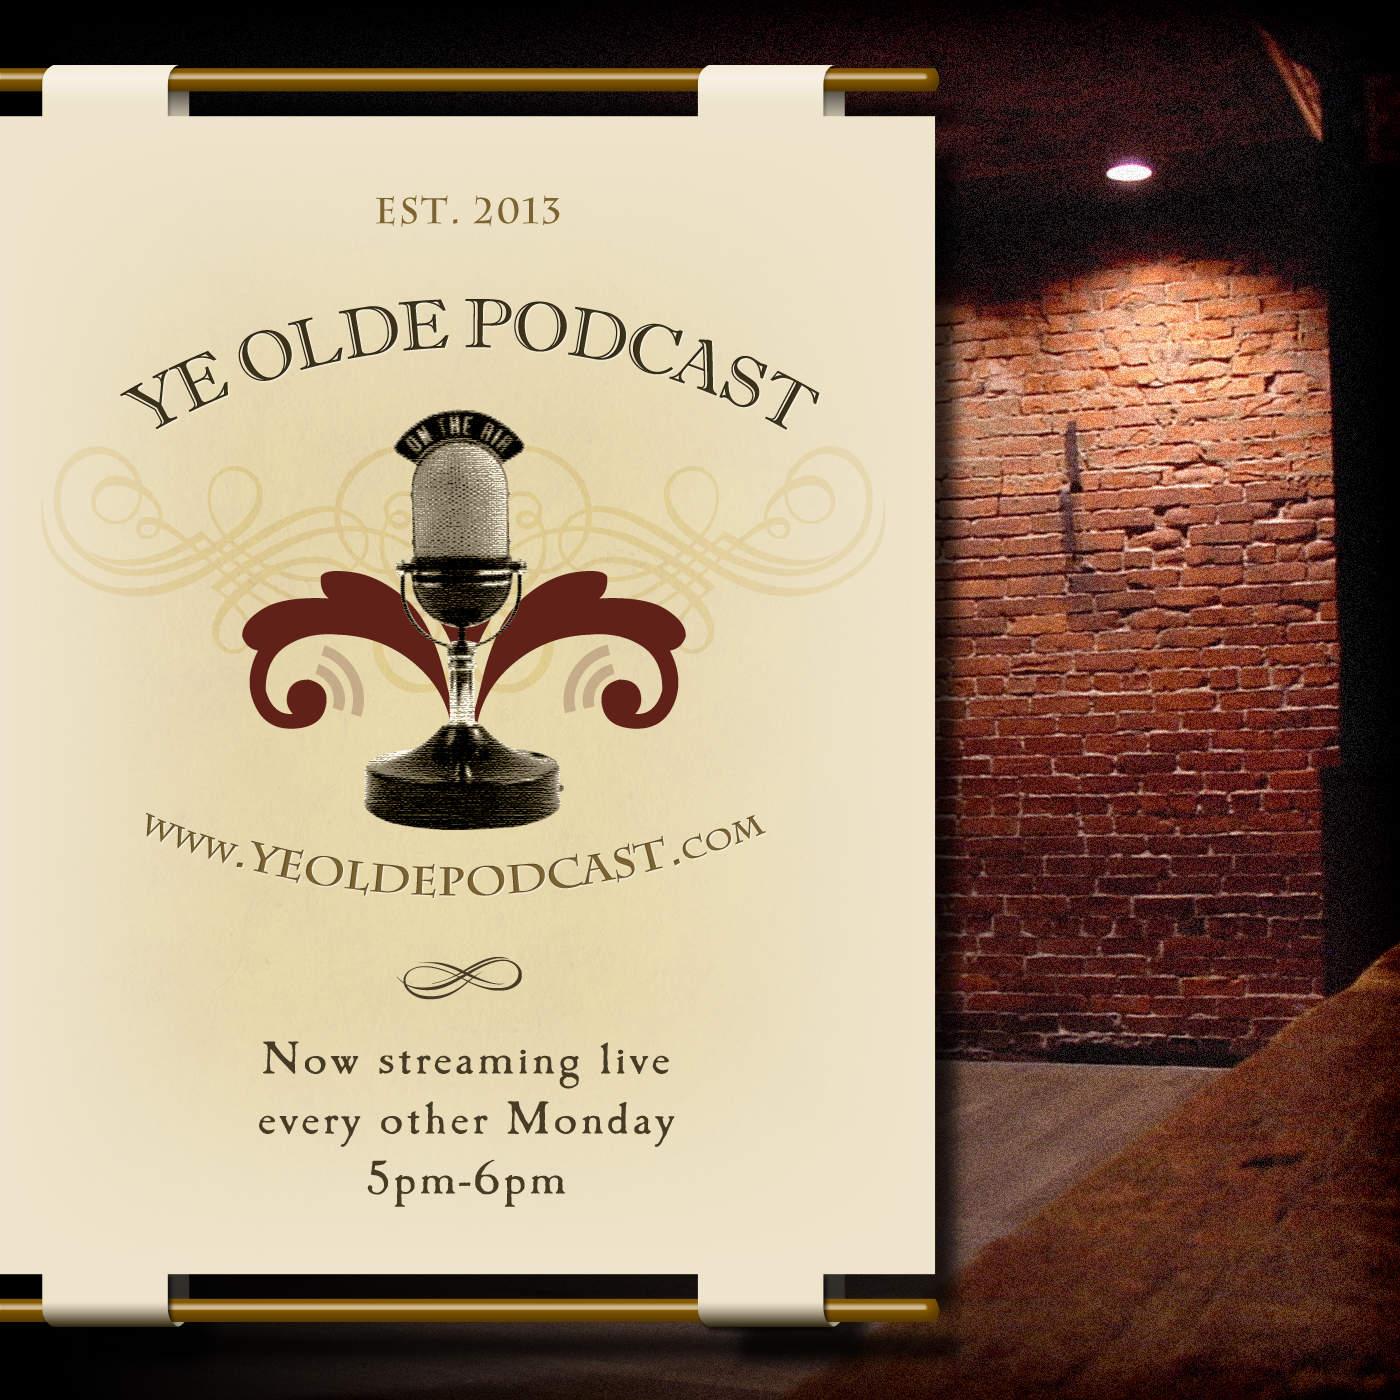 Ye Olde Podcast